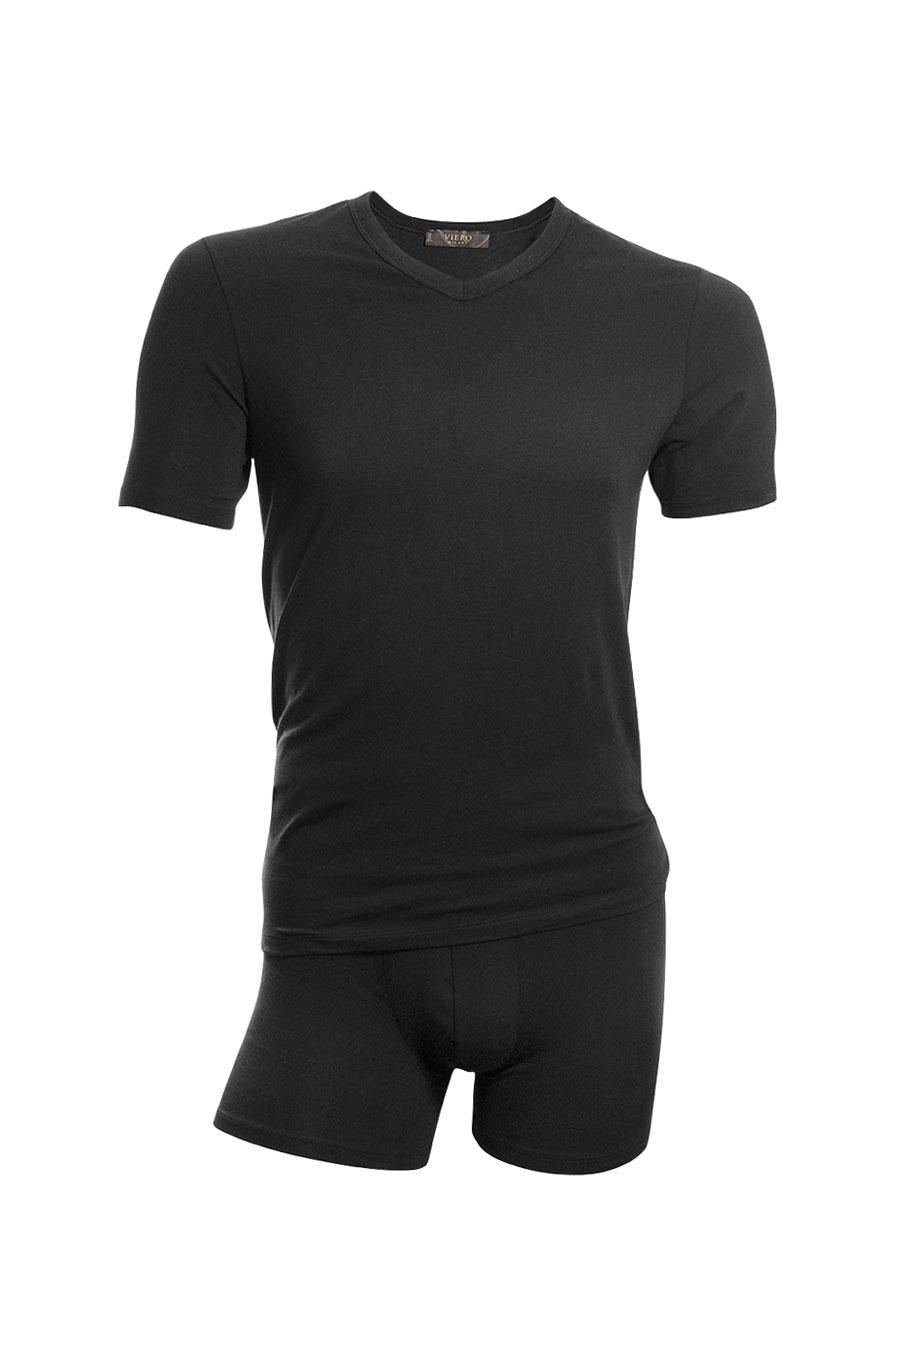 Viero Underwear. Svart T-skjorte og boxershorts.